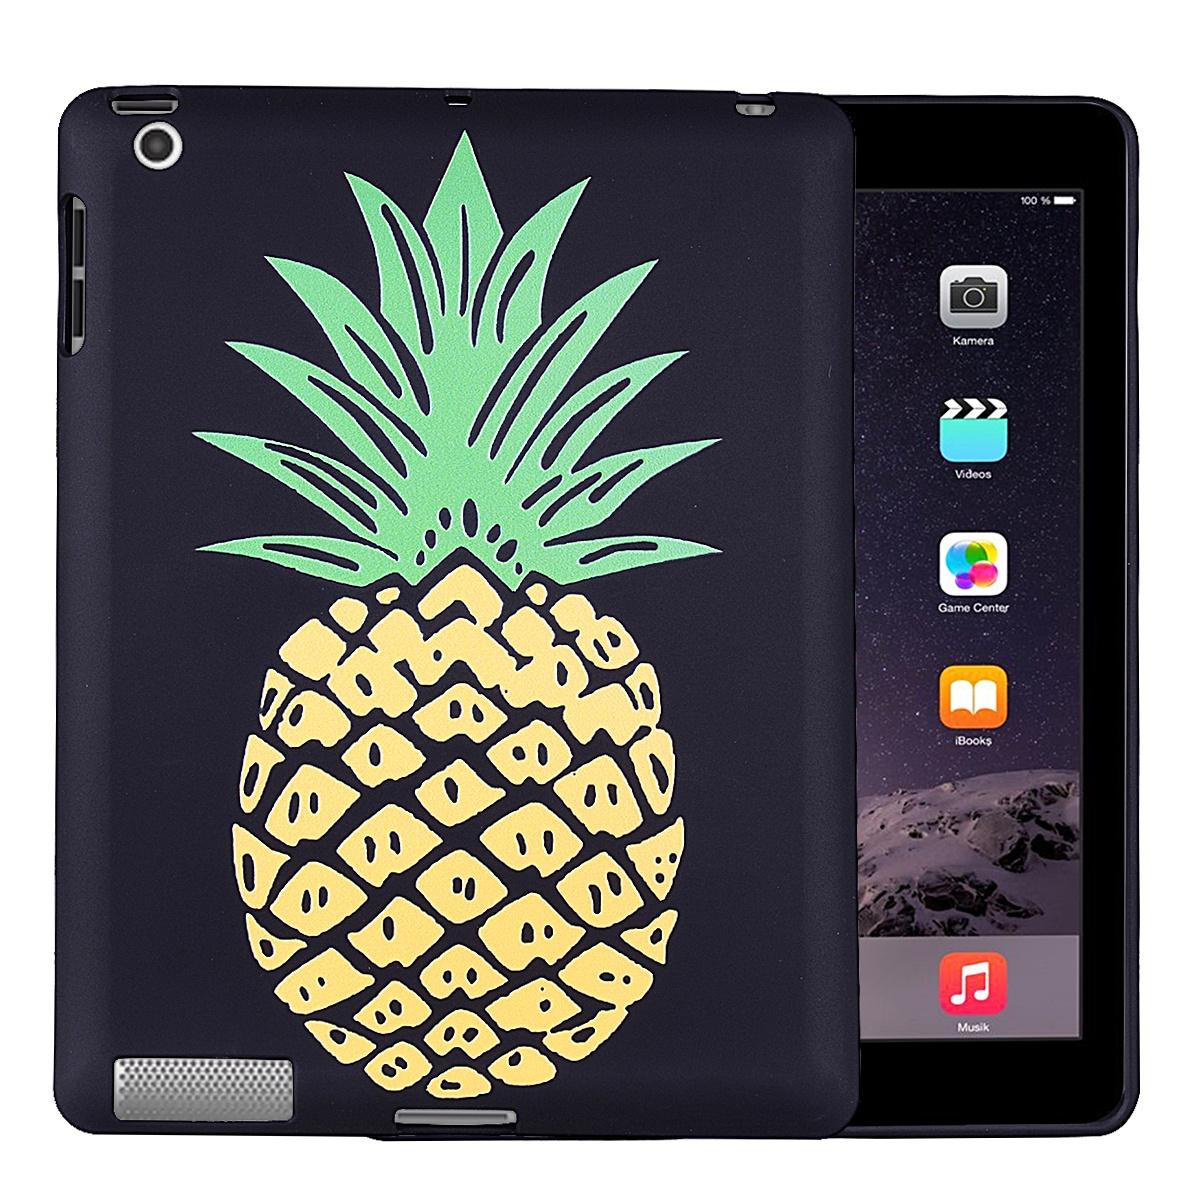 Стильный пылезащитный чехол из ТПУ для iPad 2/3/4 for ipad 2 3 4 case cover autosleep